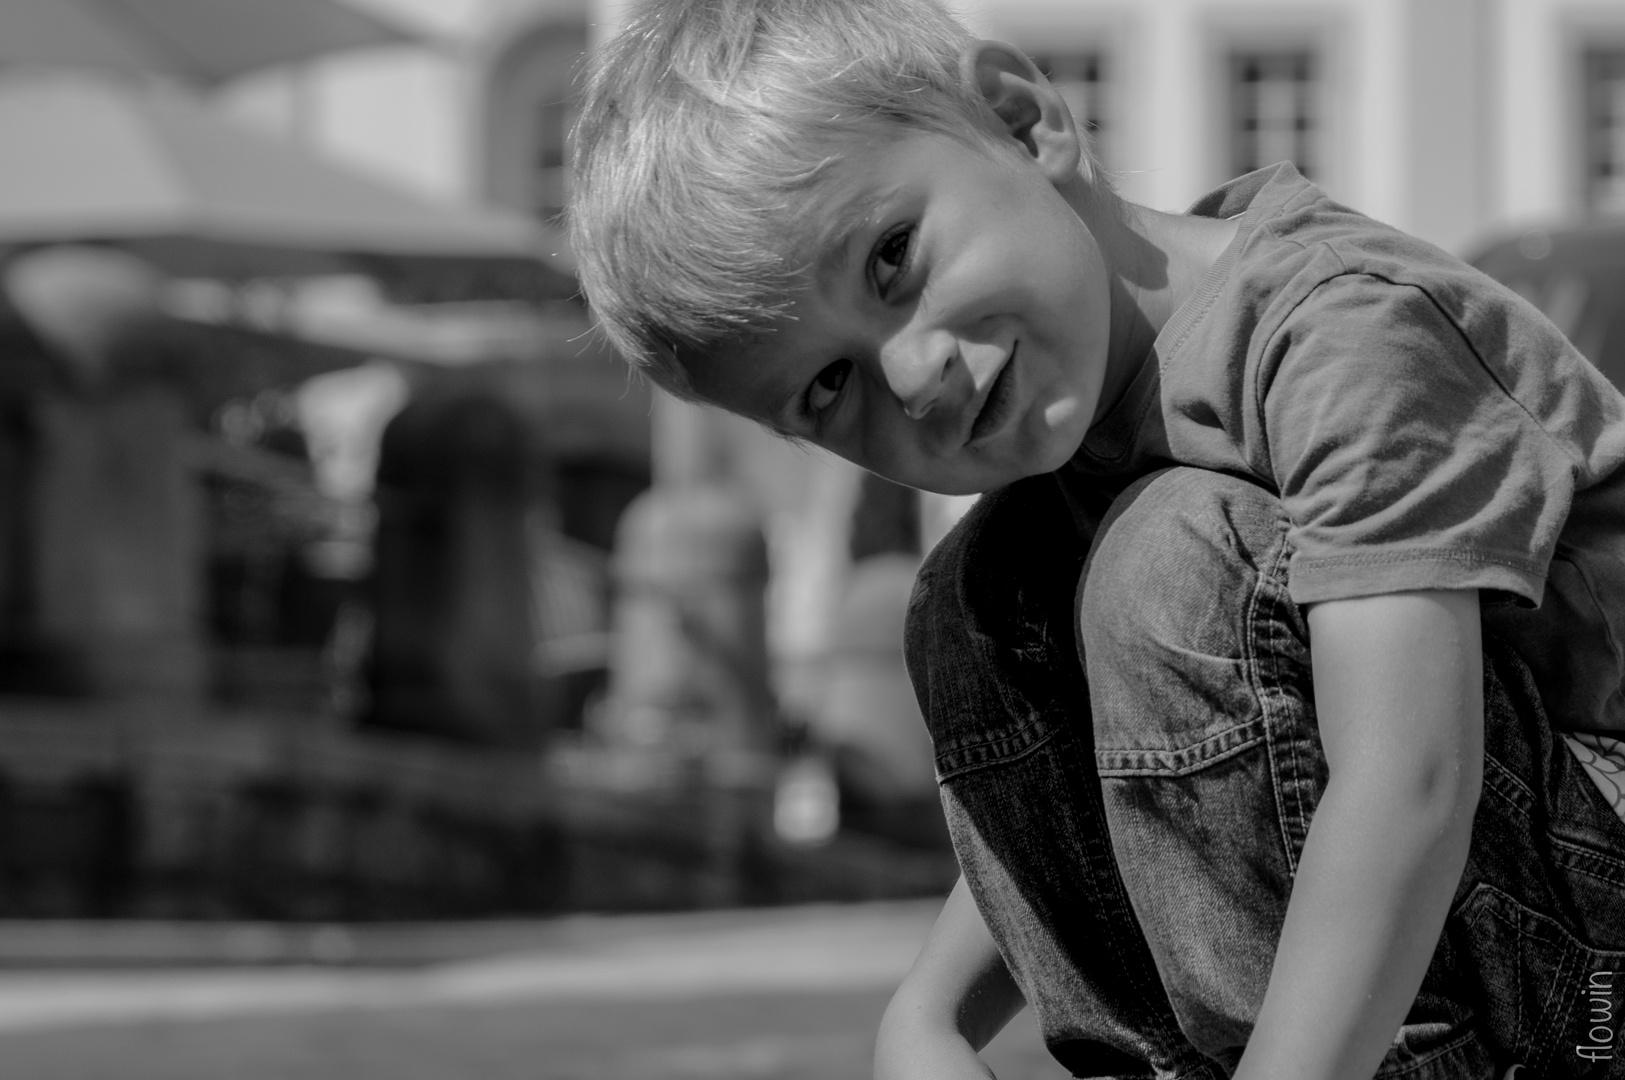 Mein Sohn Janus, 4 Jahre